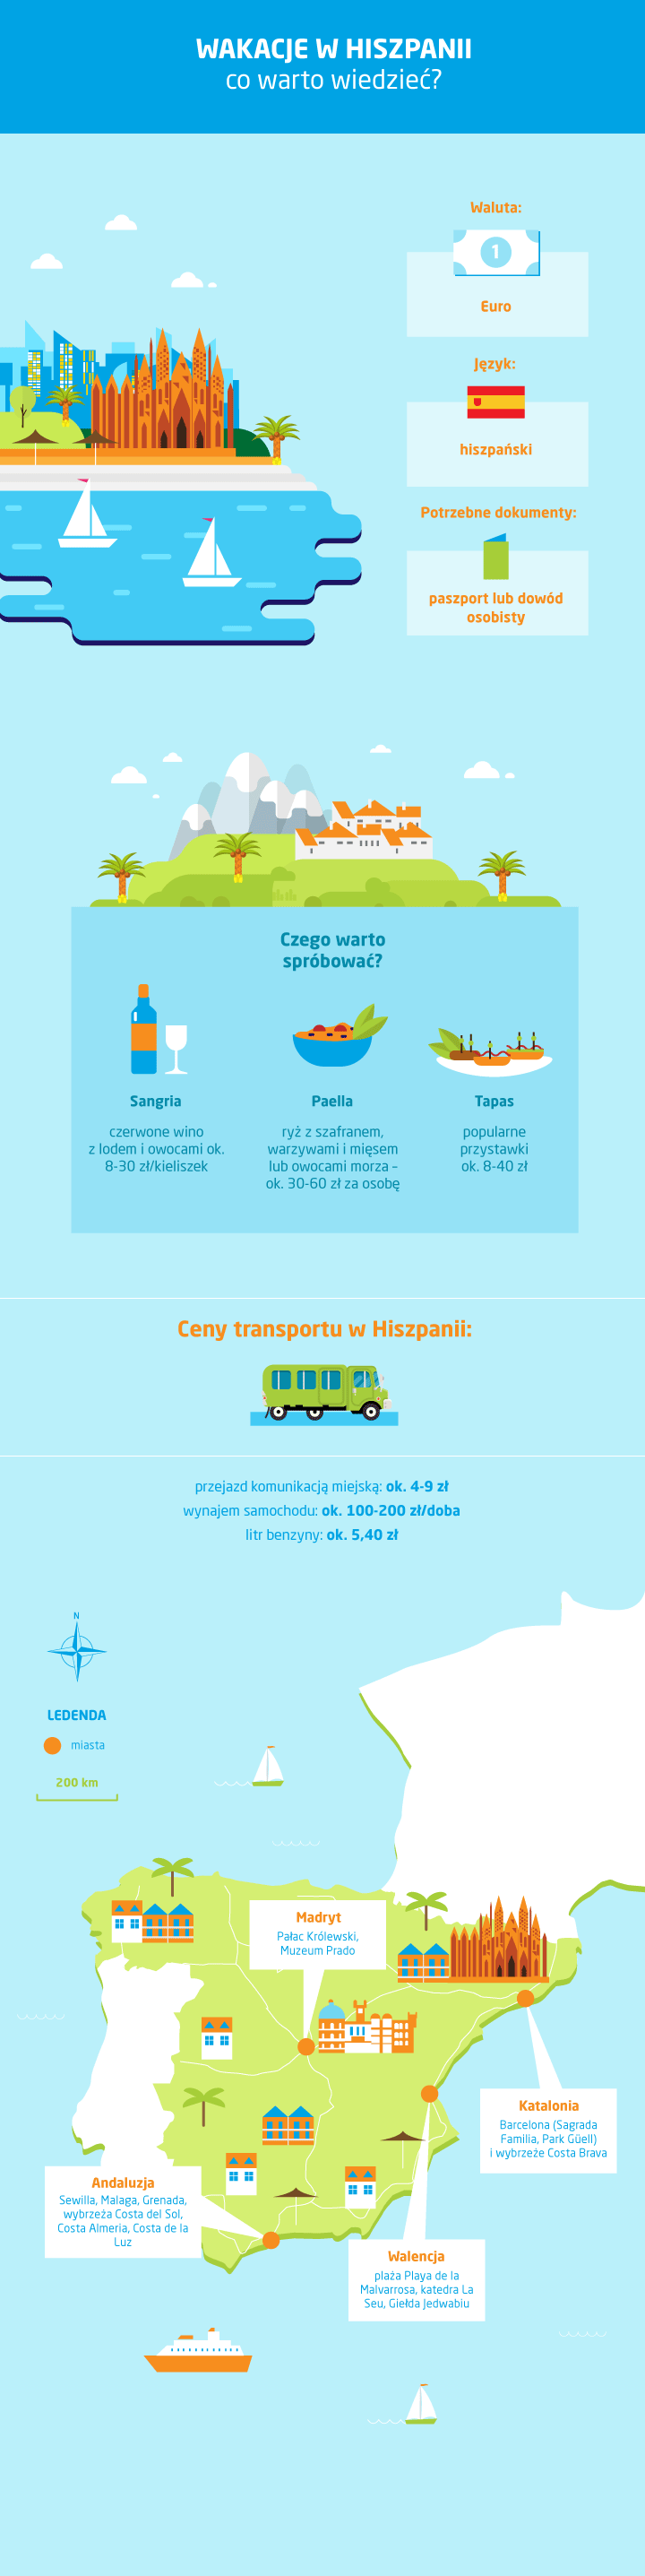 Co zobaczyć w Hiszpanii, co zwiedzać w Hiszpanii  infografika